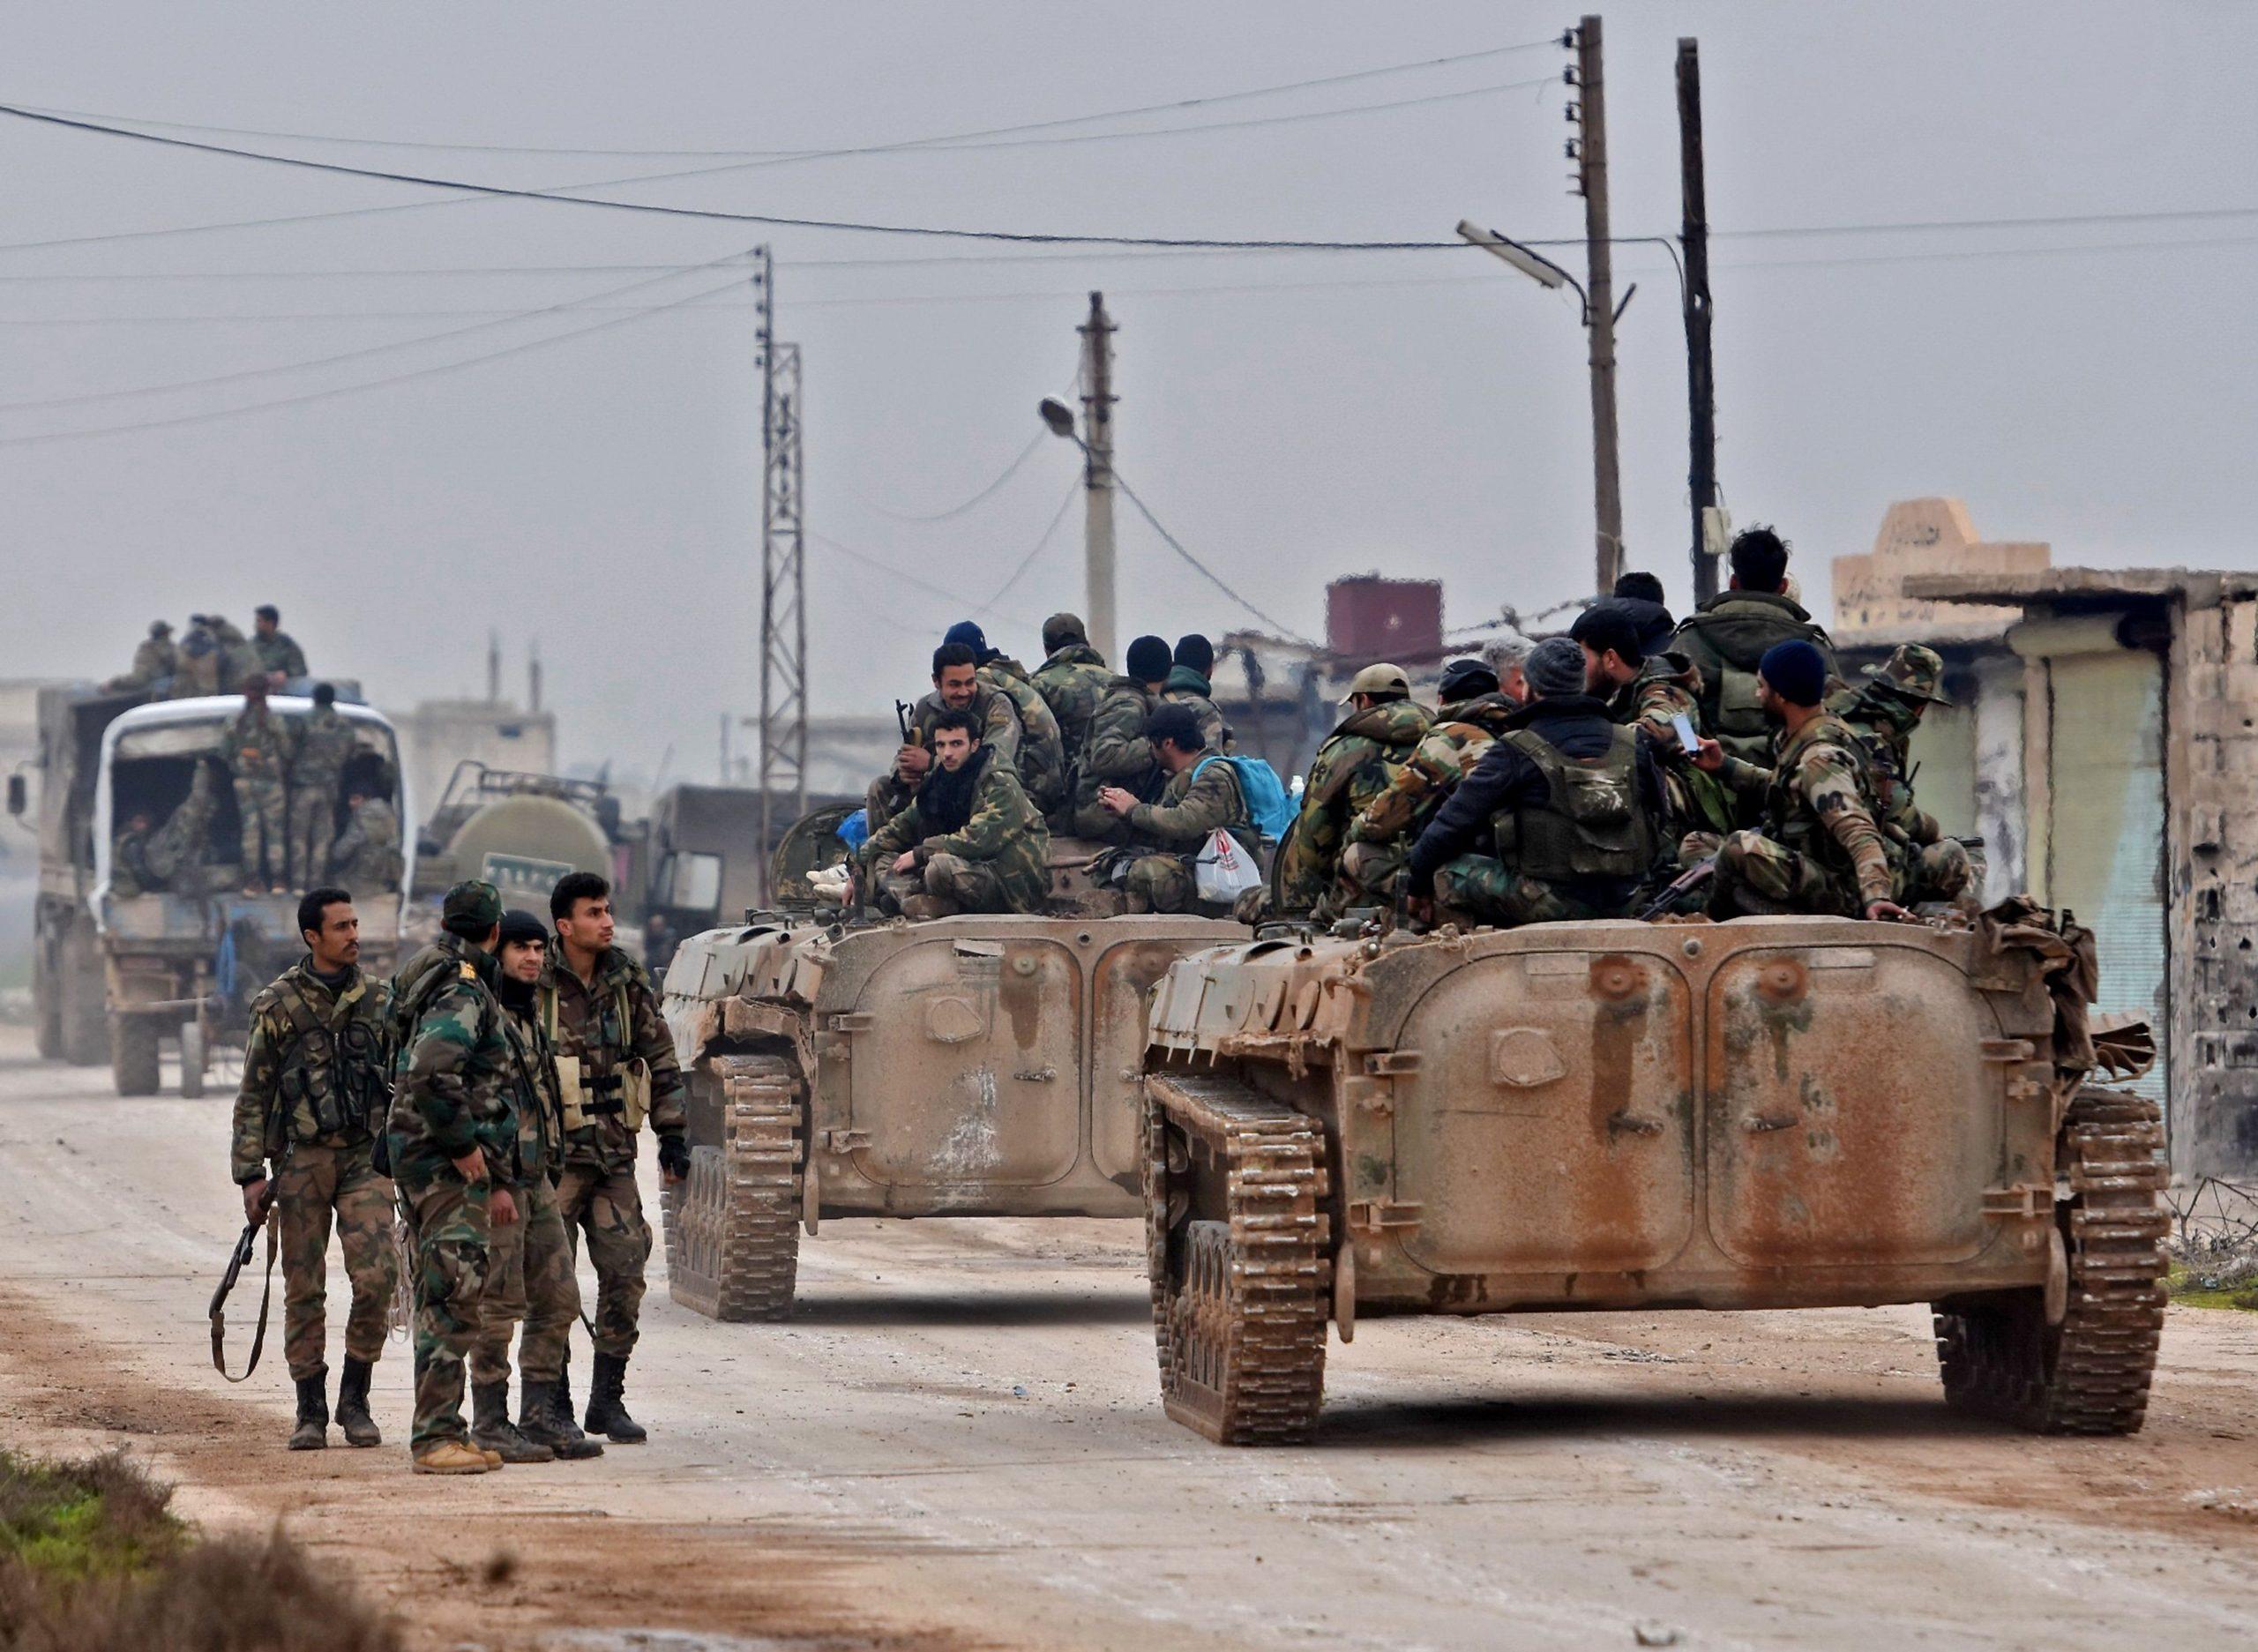 قوات الأسد تحضر لإطلاق حملة عسكرية واسعة  ضد عناصر تنظيم الدولة  بريف الرقة